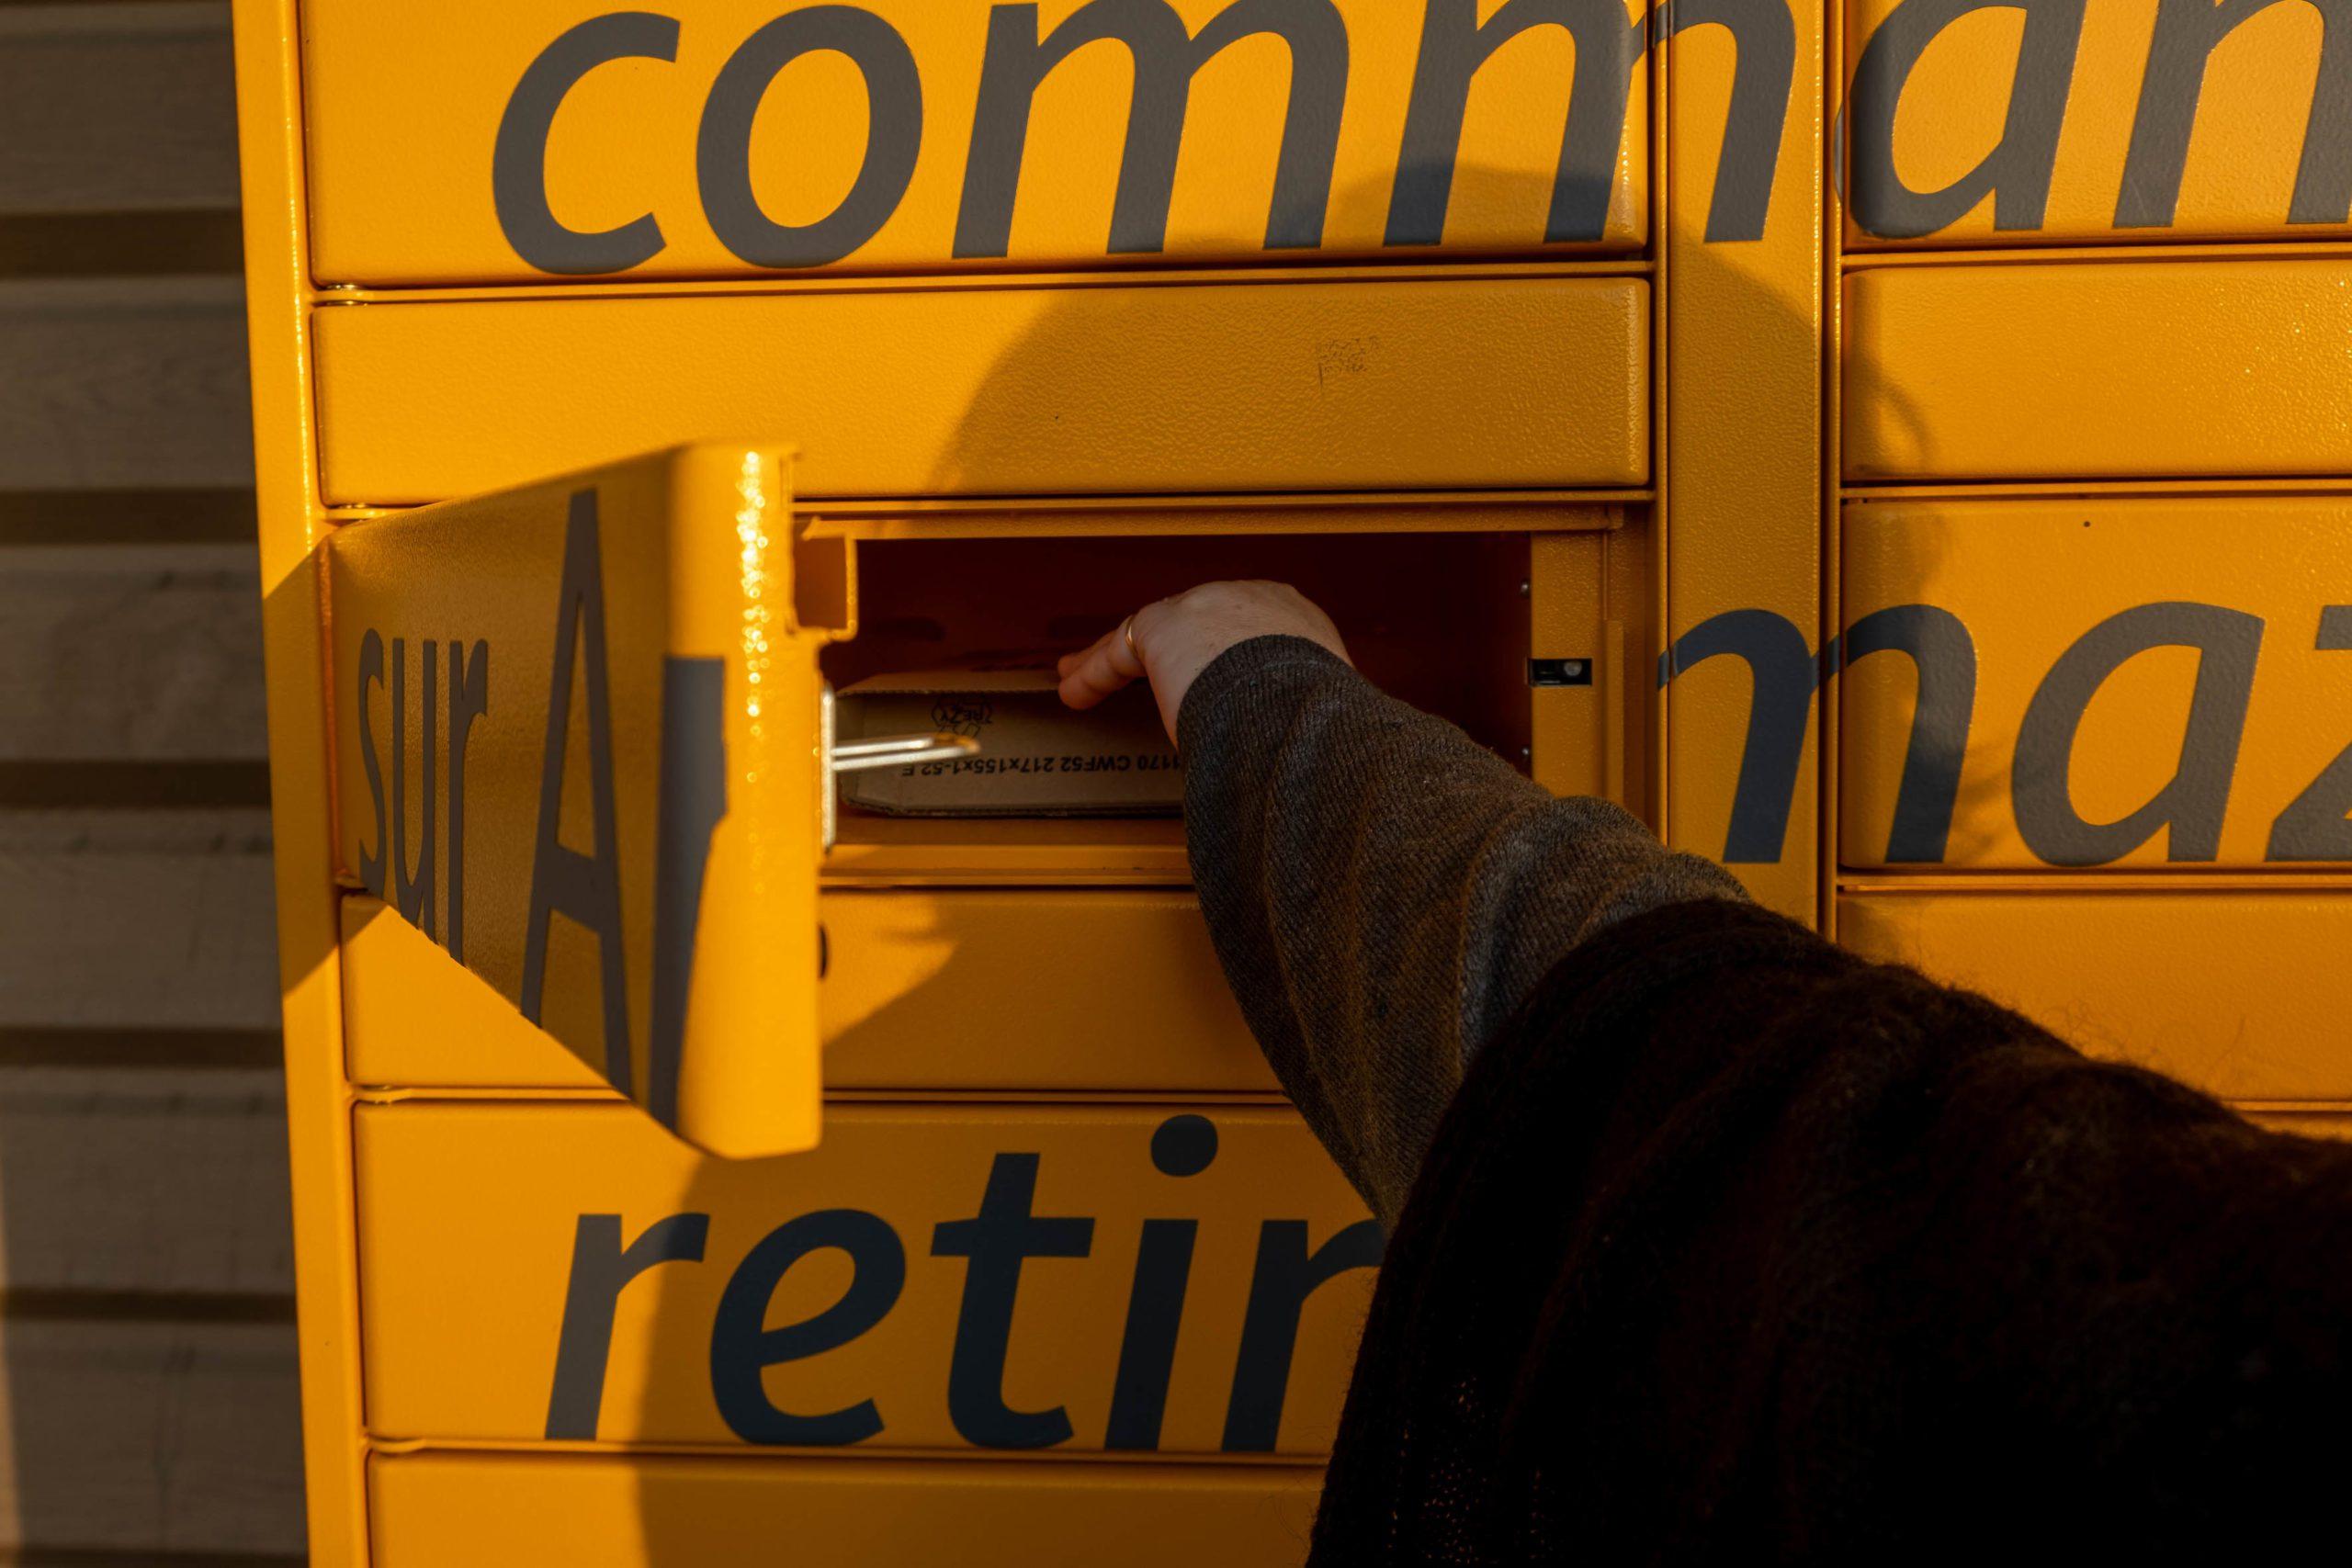 A woman picks up a package ordered on Amazon. Le Creusot, 14 November 2020. Florian Jannot-Caeilleté / APJ / Hans Lucas. Une femme recupere un colis commande sur Amazon. Le Creusot, 14 novembre 2020. Florian Jannot-Caeilleté / APJ / Hans Lucas.